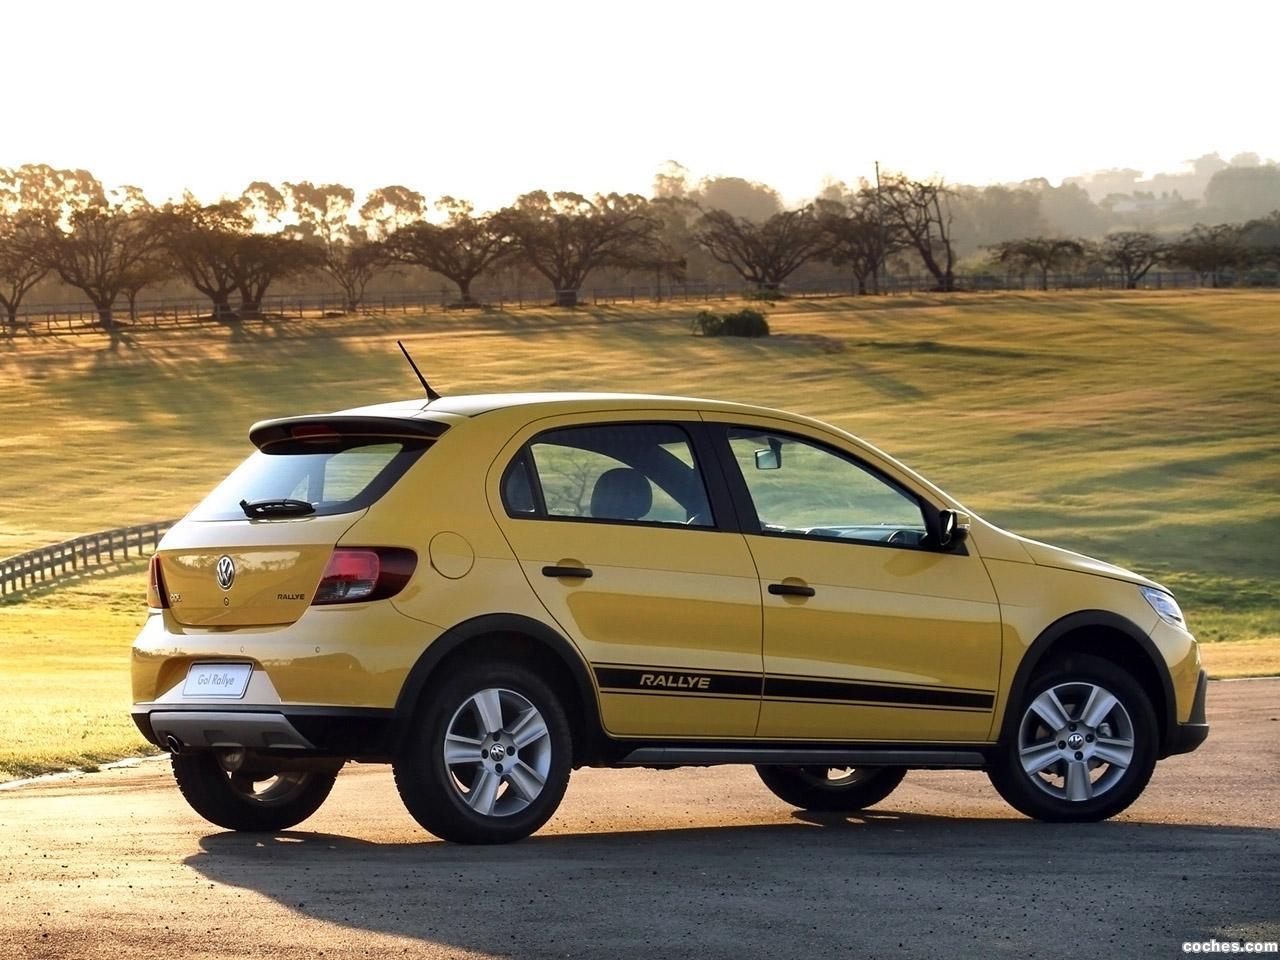 Foto 5 de Volkswagen Gol Rallye 2010-2012